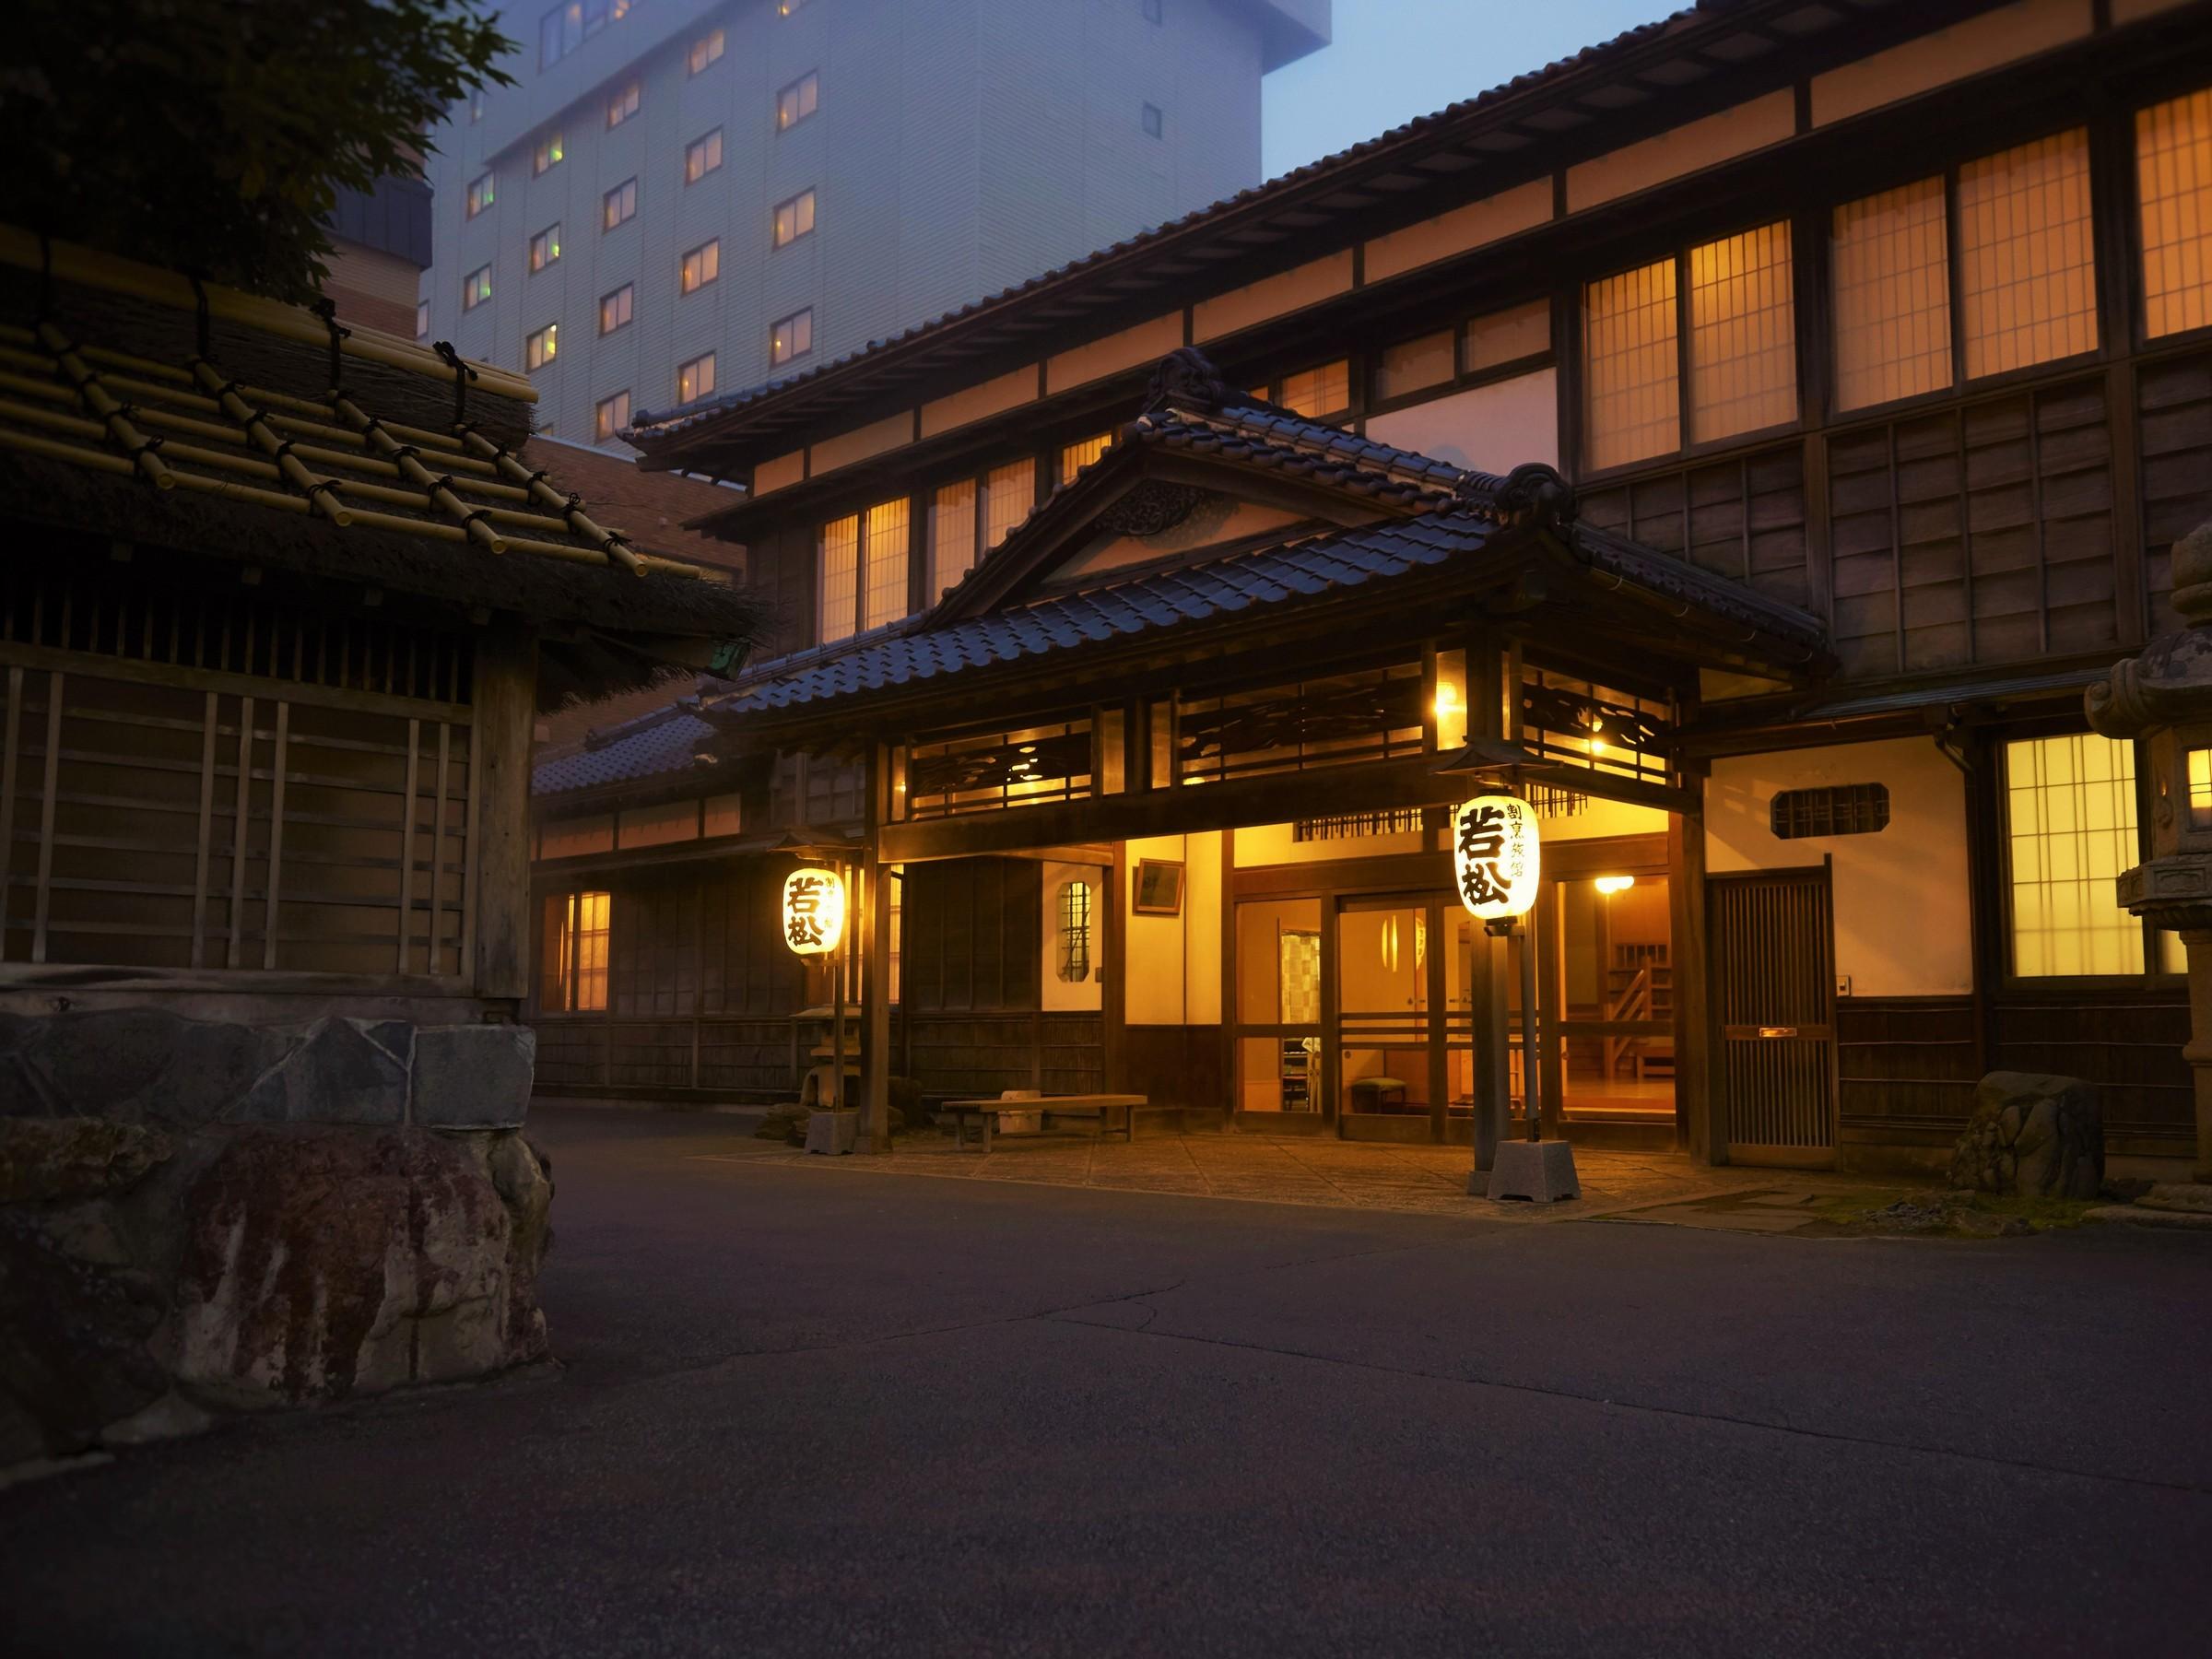 今安い北海道で定番のおすすめ温泉宿を教えて。